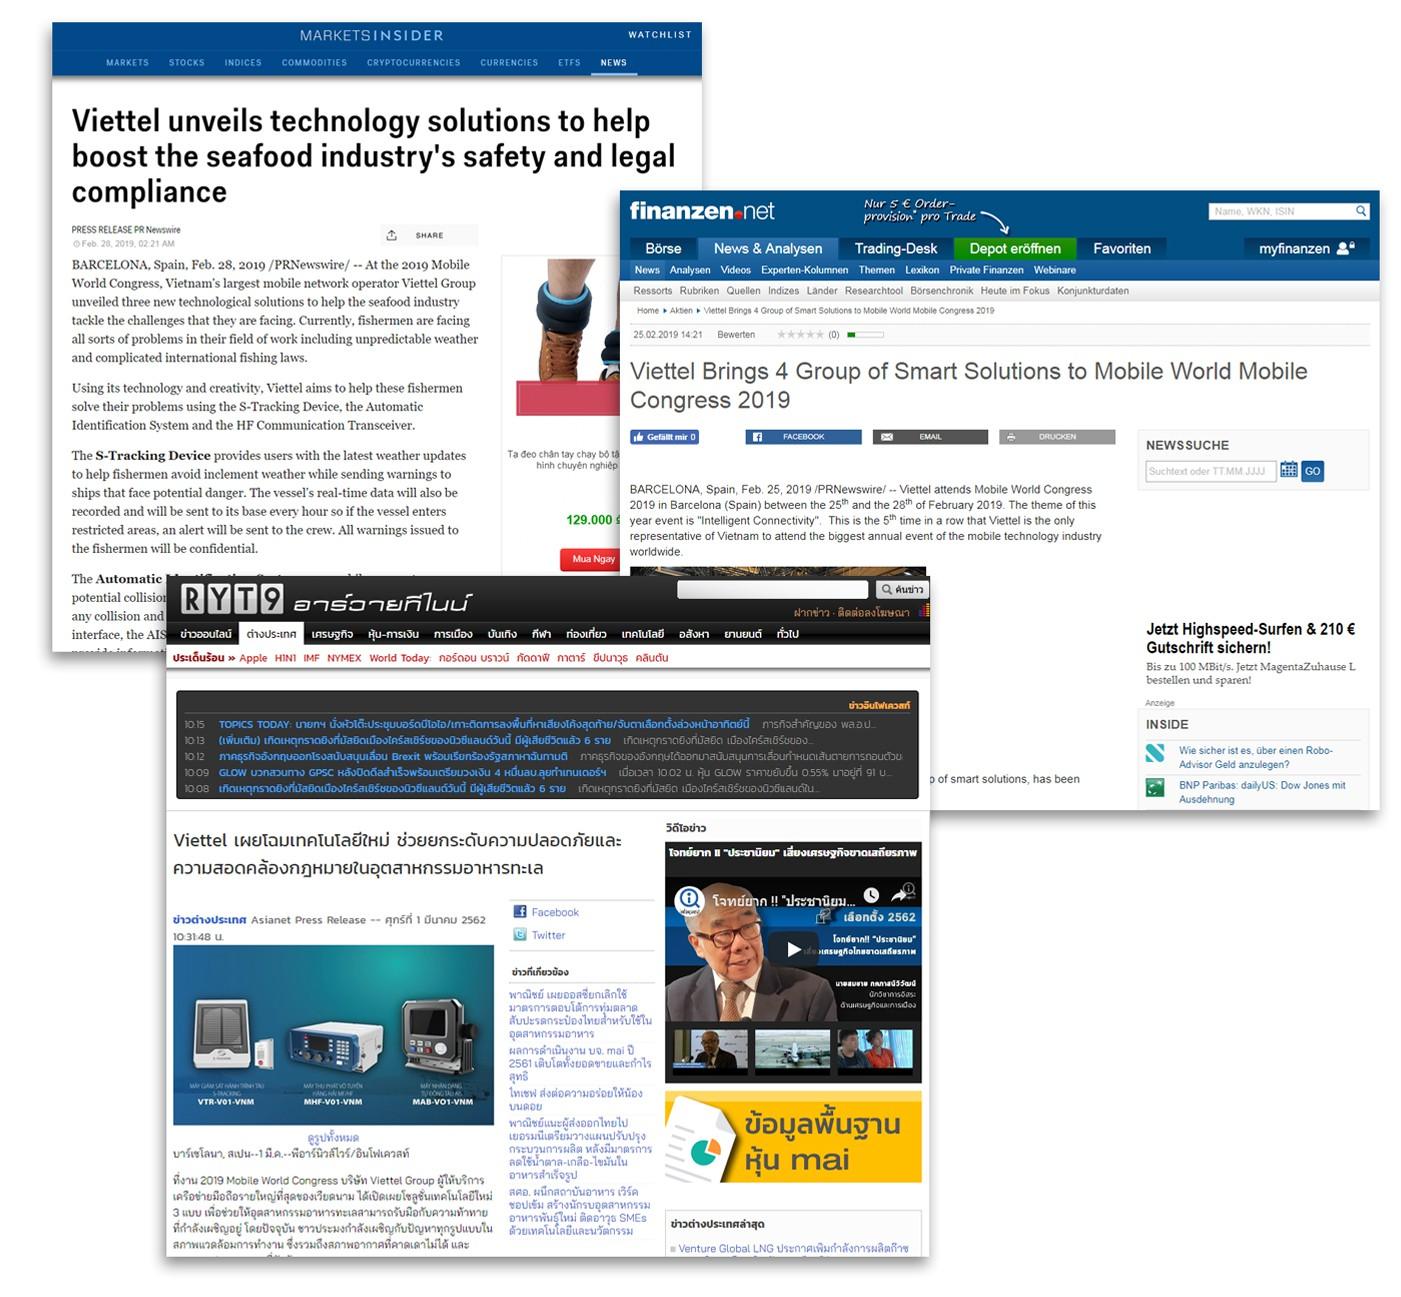 Thương hiệu Việt tại những sự kiện công nghệ hàng đầu thế giới: Tự tin thể hiện mình - Ảnh 6.